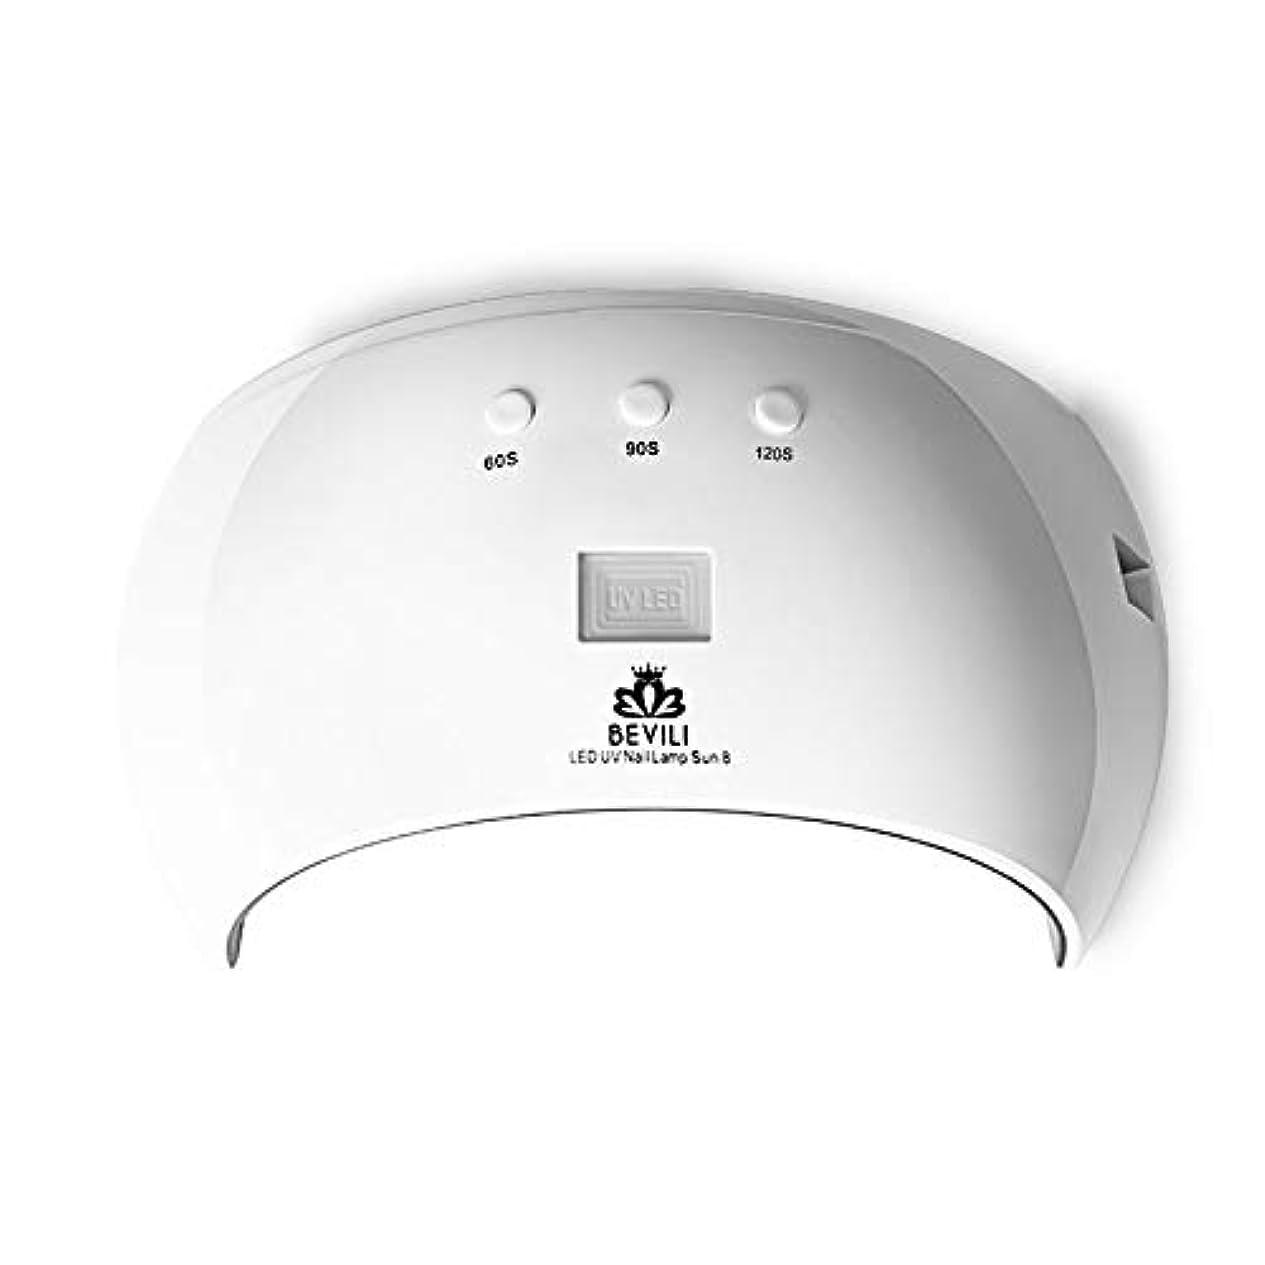 うねる安全性ジャニスMANOOBY 24W硬化用UVライト3段階タイマー& 自動センサー付きハイパワー ネイルドライヤー